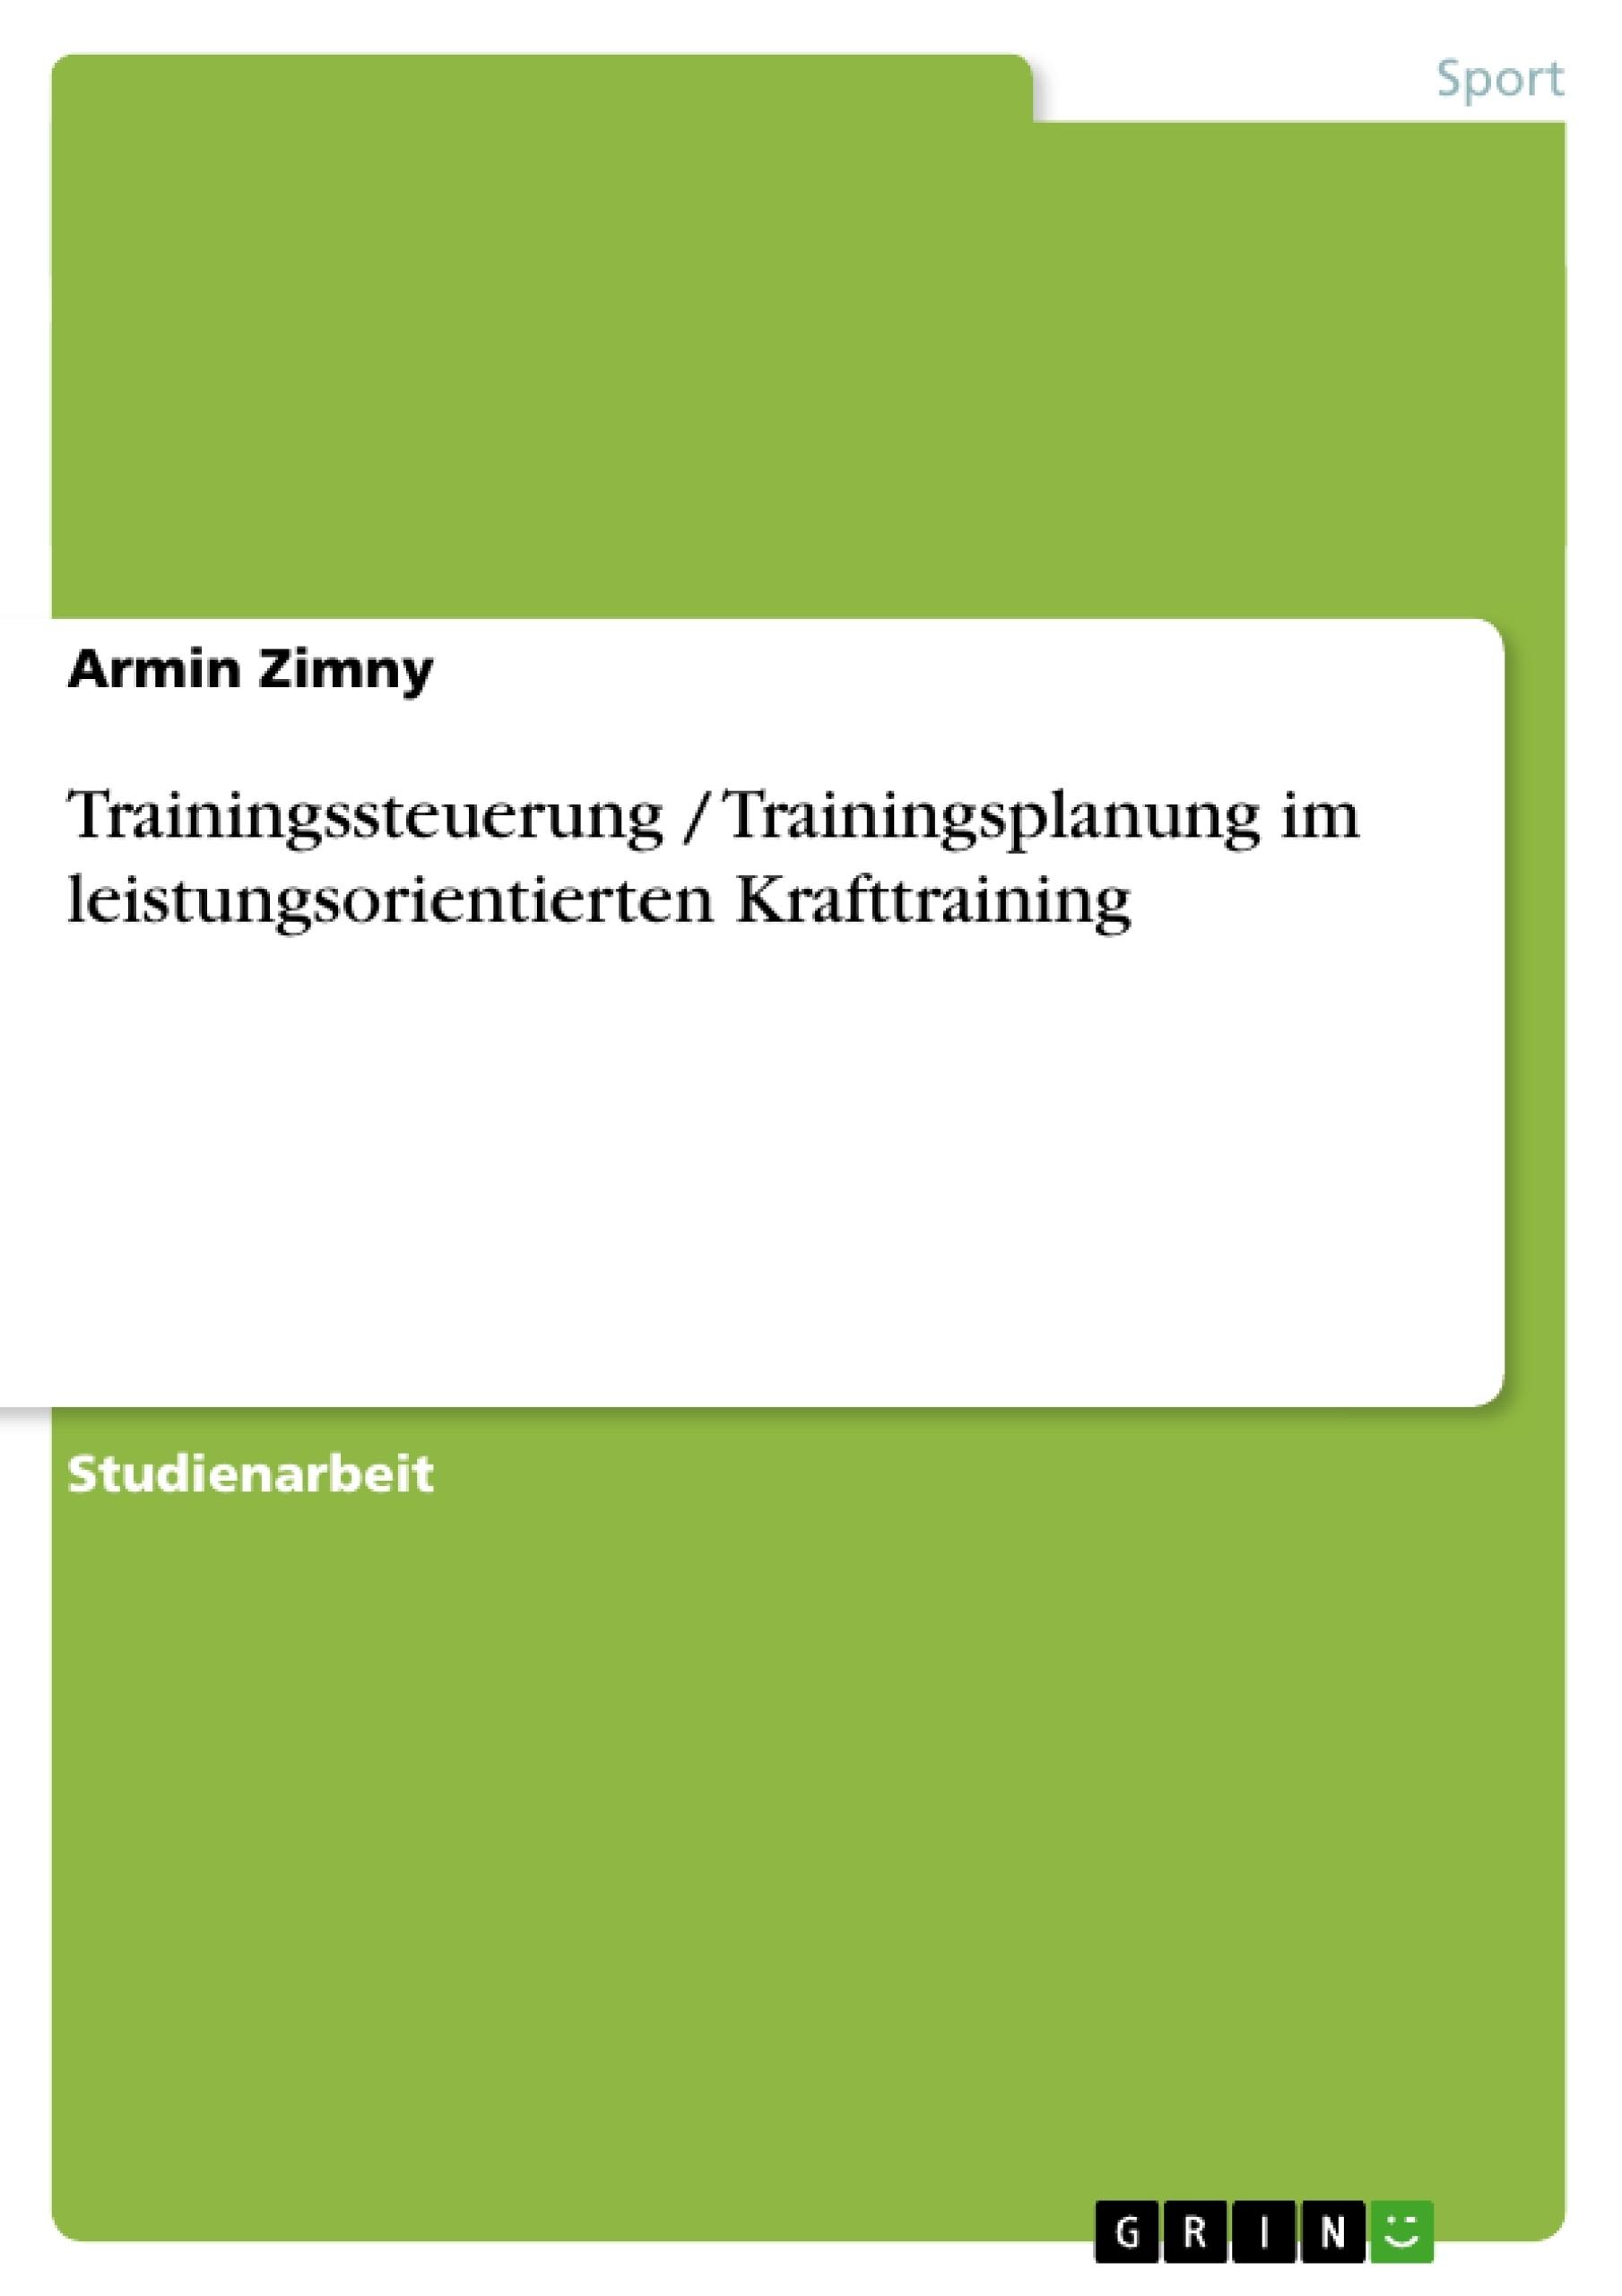 Titel: Trainingssteuerung / Trainingsplanung im leistungsorientierten Krafttraining